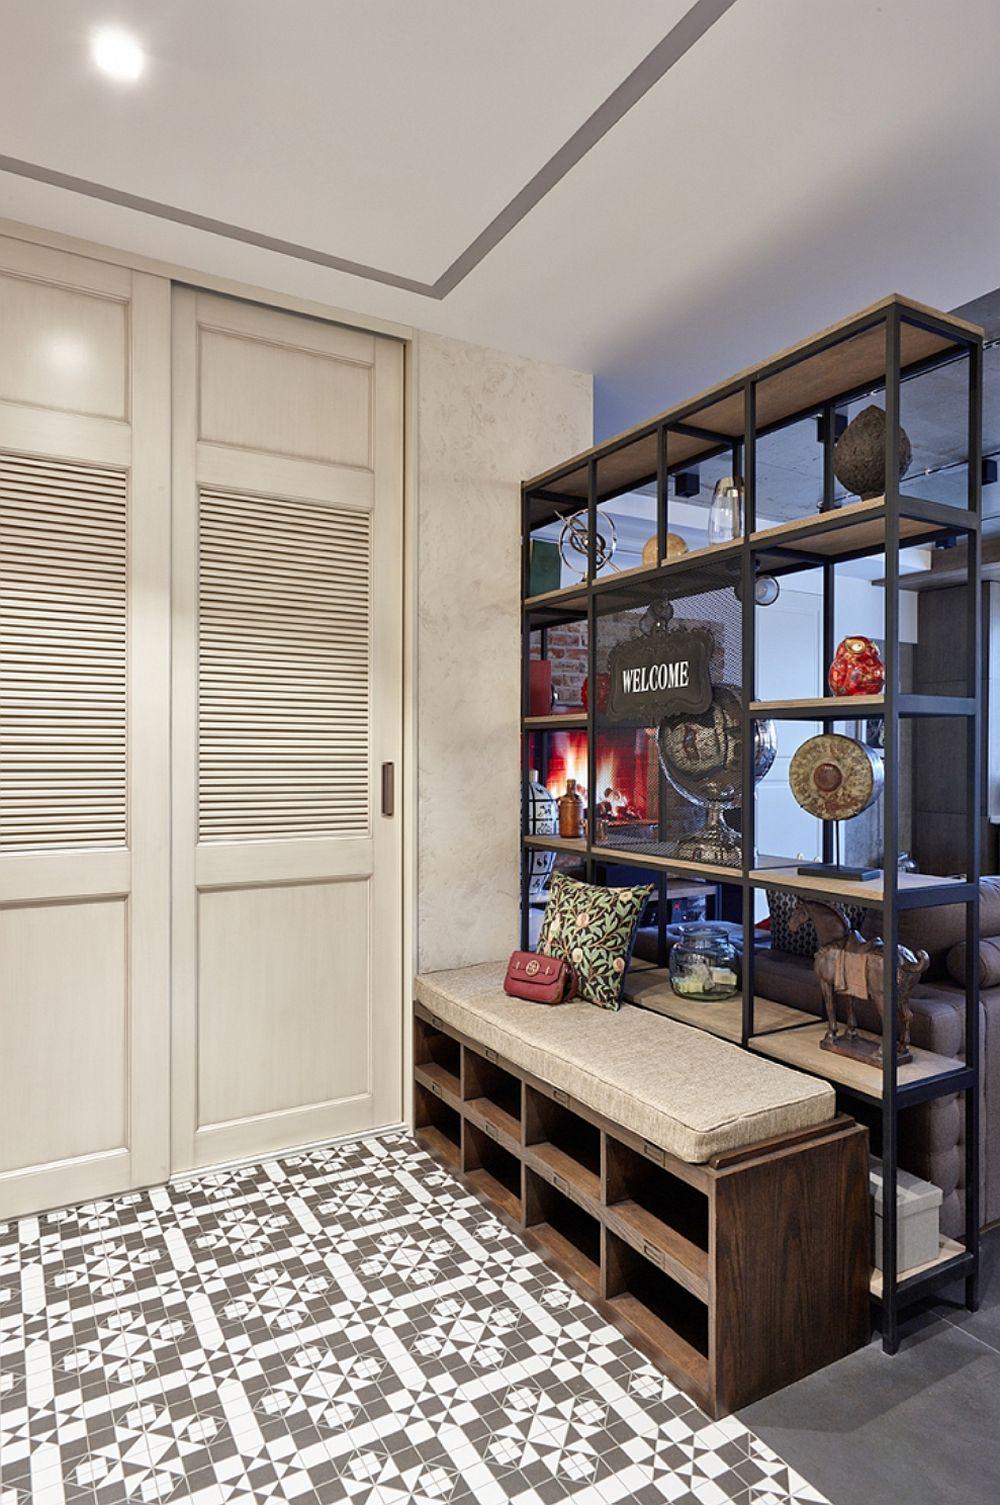 Cuierul este mascat cu două uși, iar pe lângă depozitarea hainelor și pantofilor aici mai există loc și pentru obiecte casnice mai voluminoase (aspirator, mop etc.).